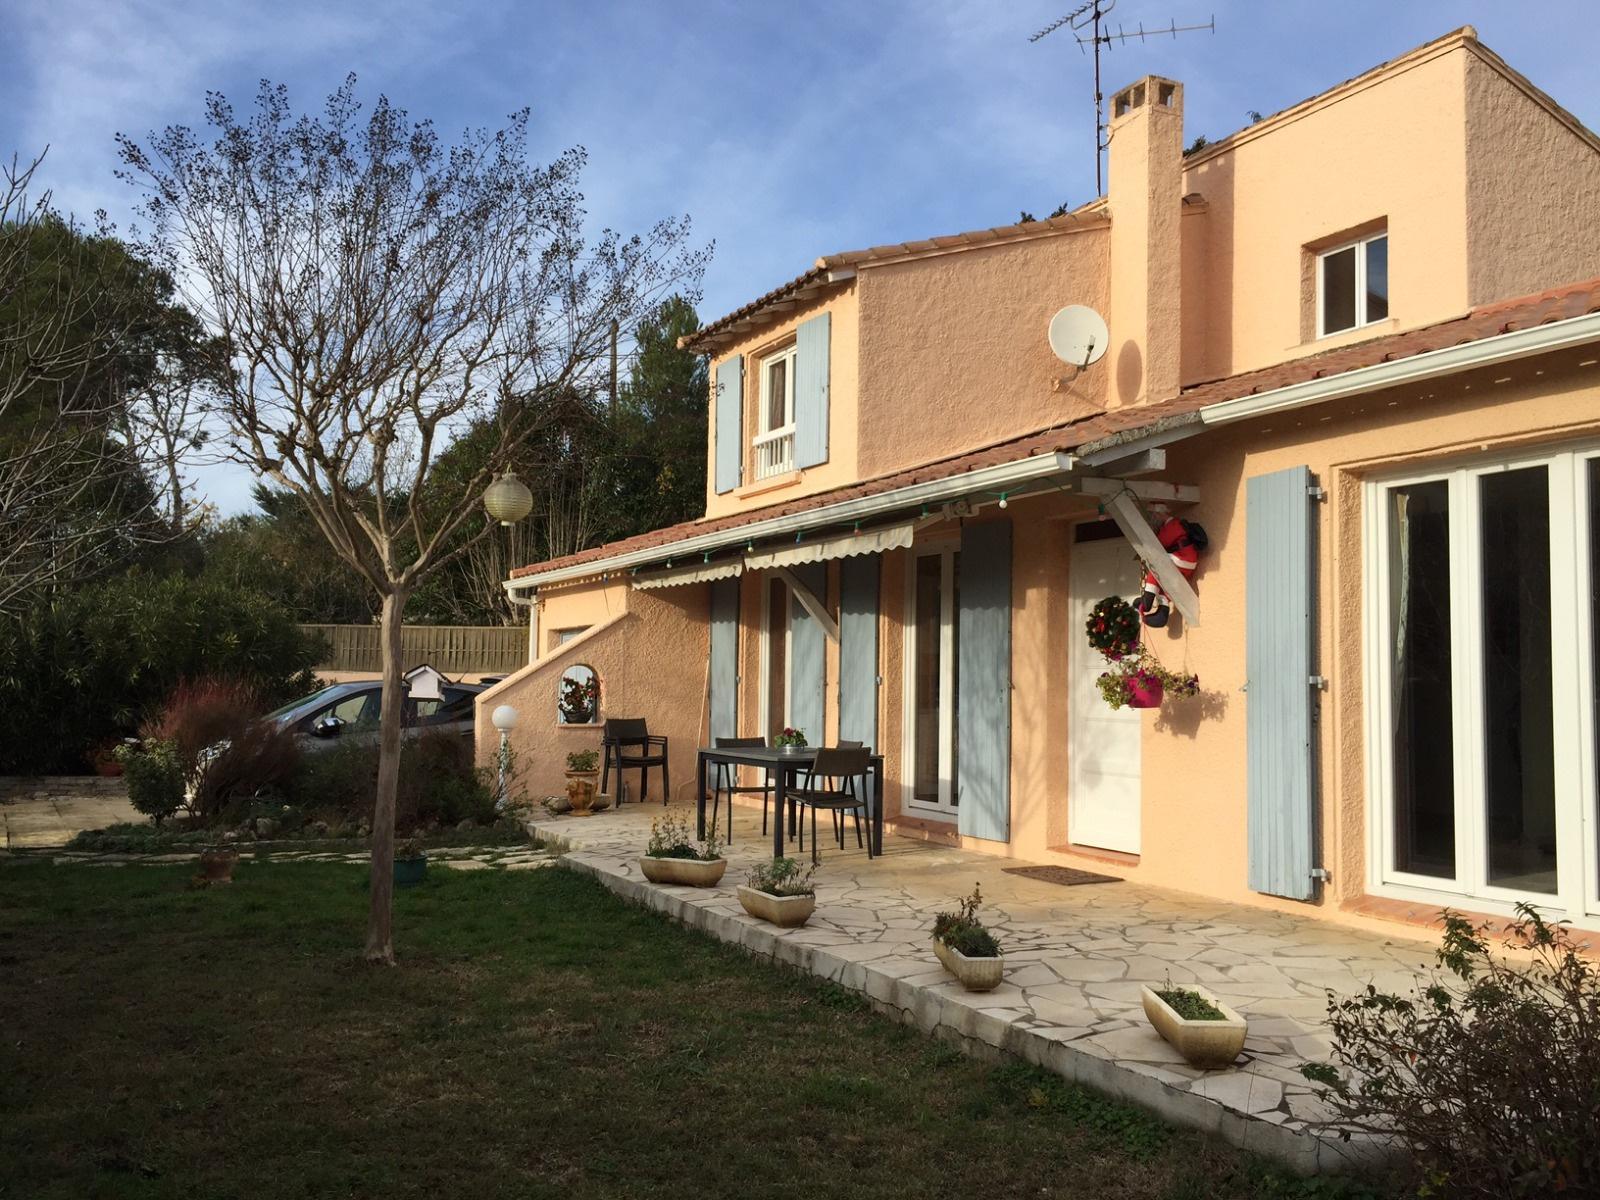 Vente grabels villa t5 avec piscine for Piscine 20000 euros